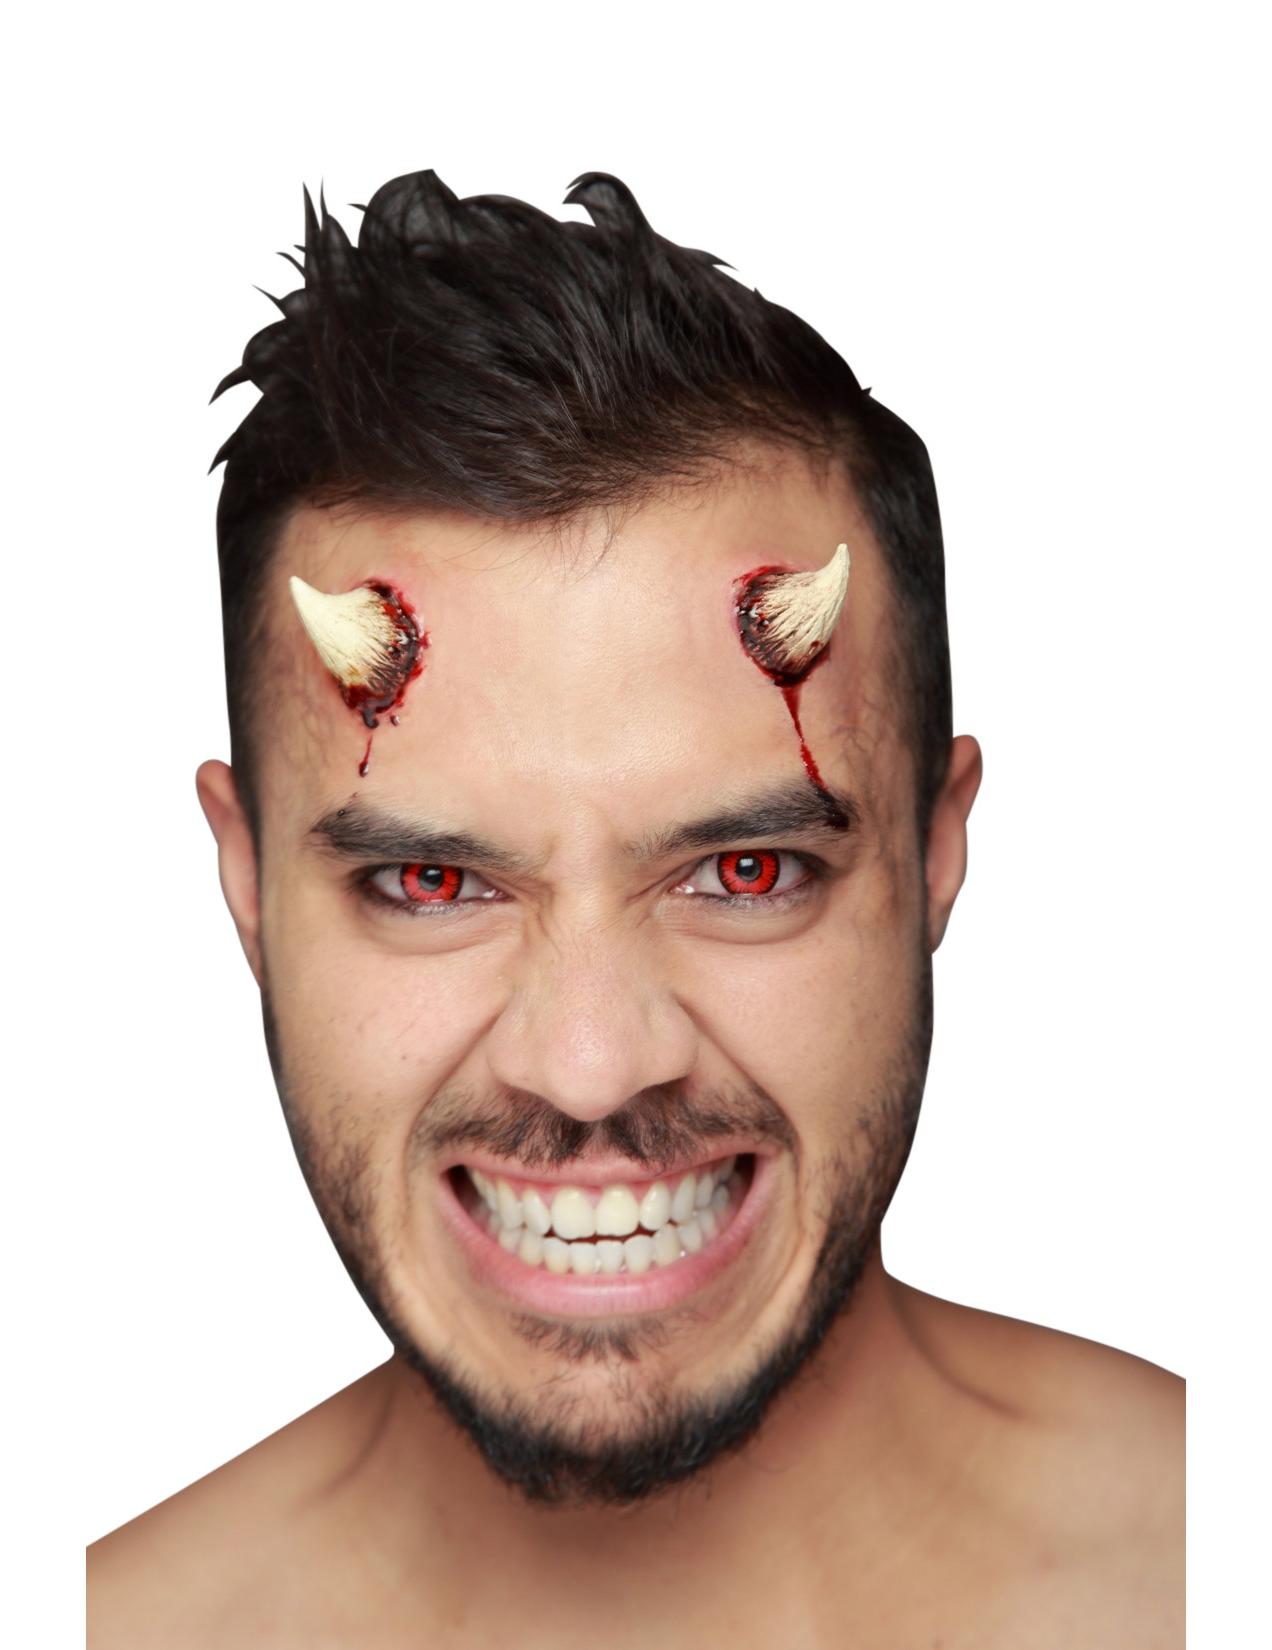 Trucco Halloween: finte corna da diavolo: Trucco,e vestiti ...